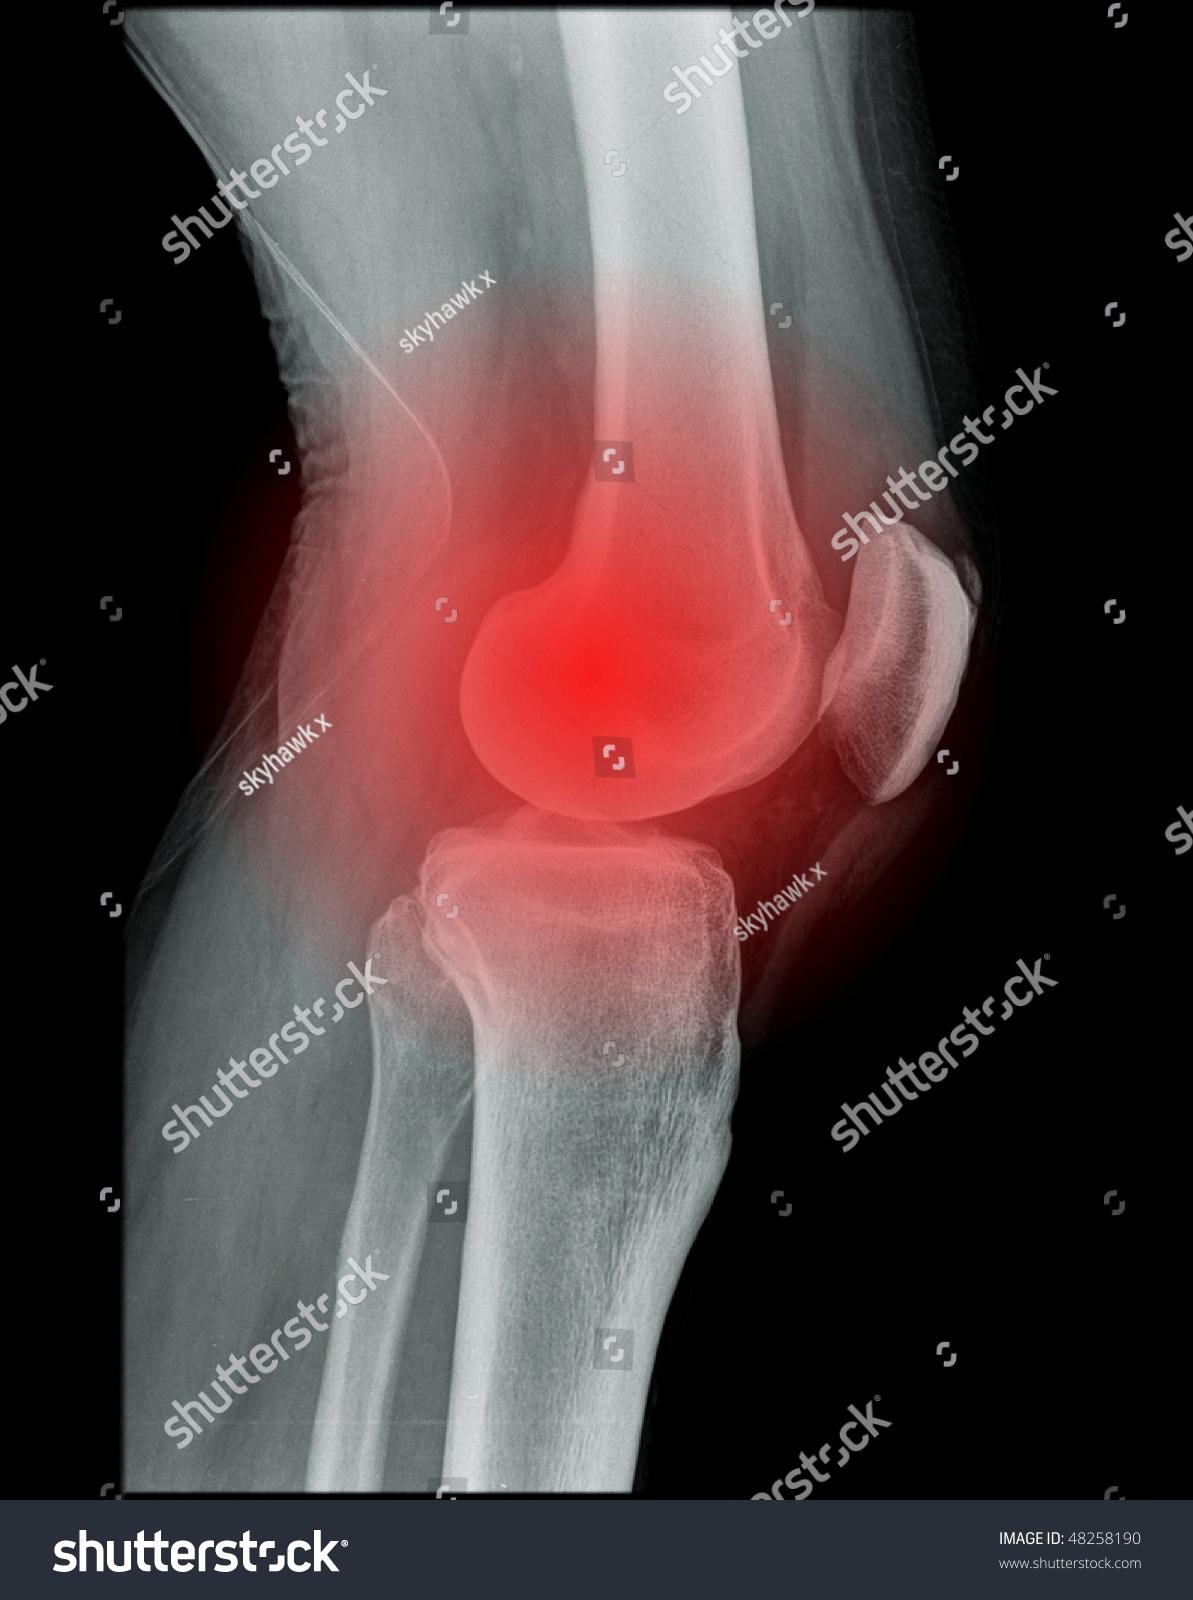 Knee Pain Xray Human Knee Stock Photo 48258190 - Shutterstock